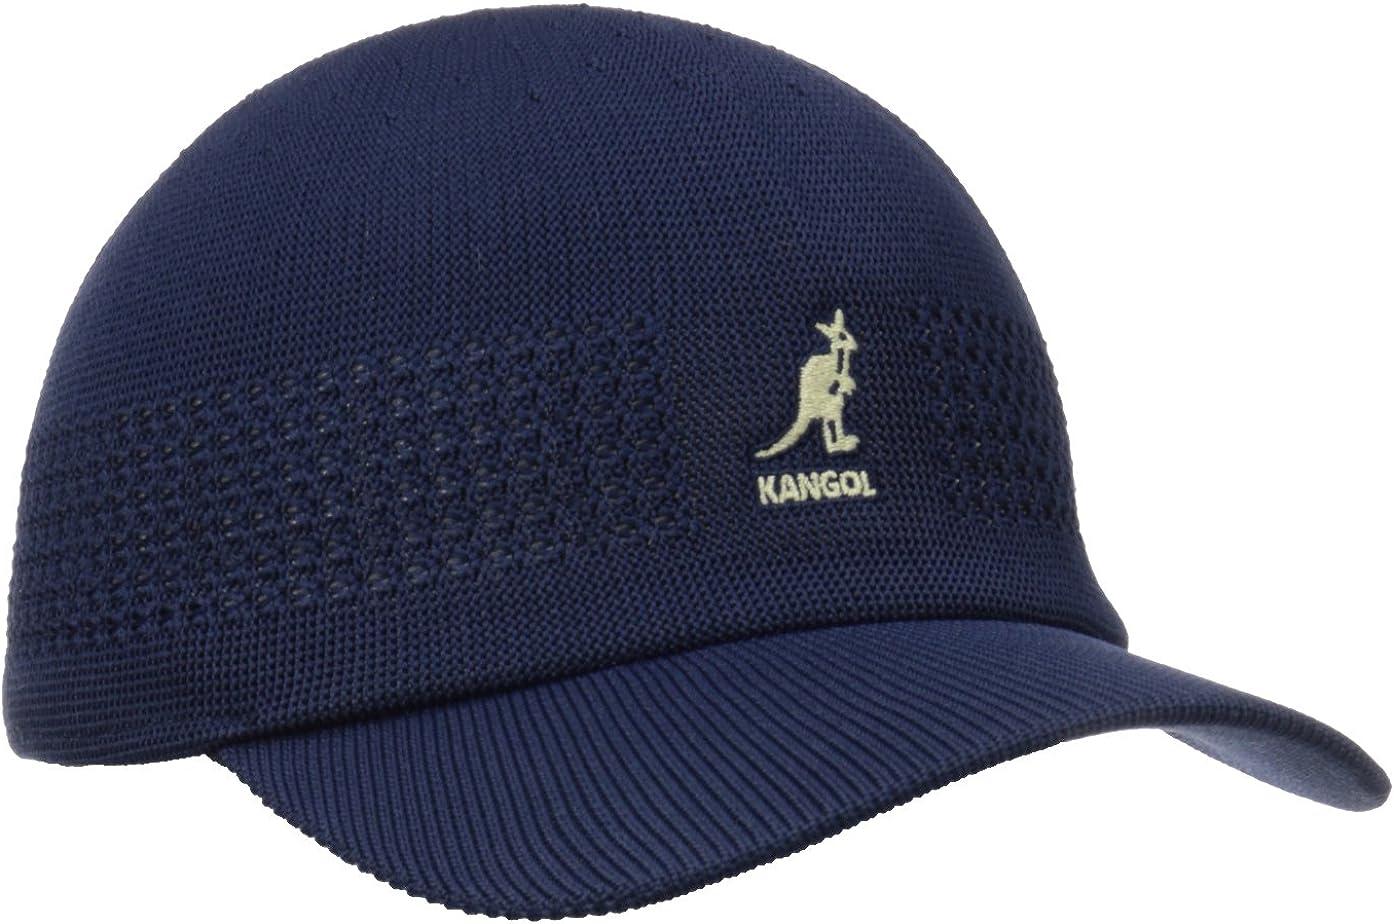 Kangol Mens Tropic Ventair Space Cap